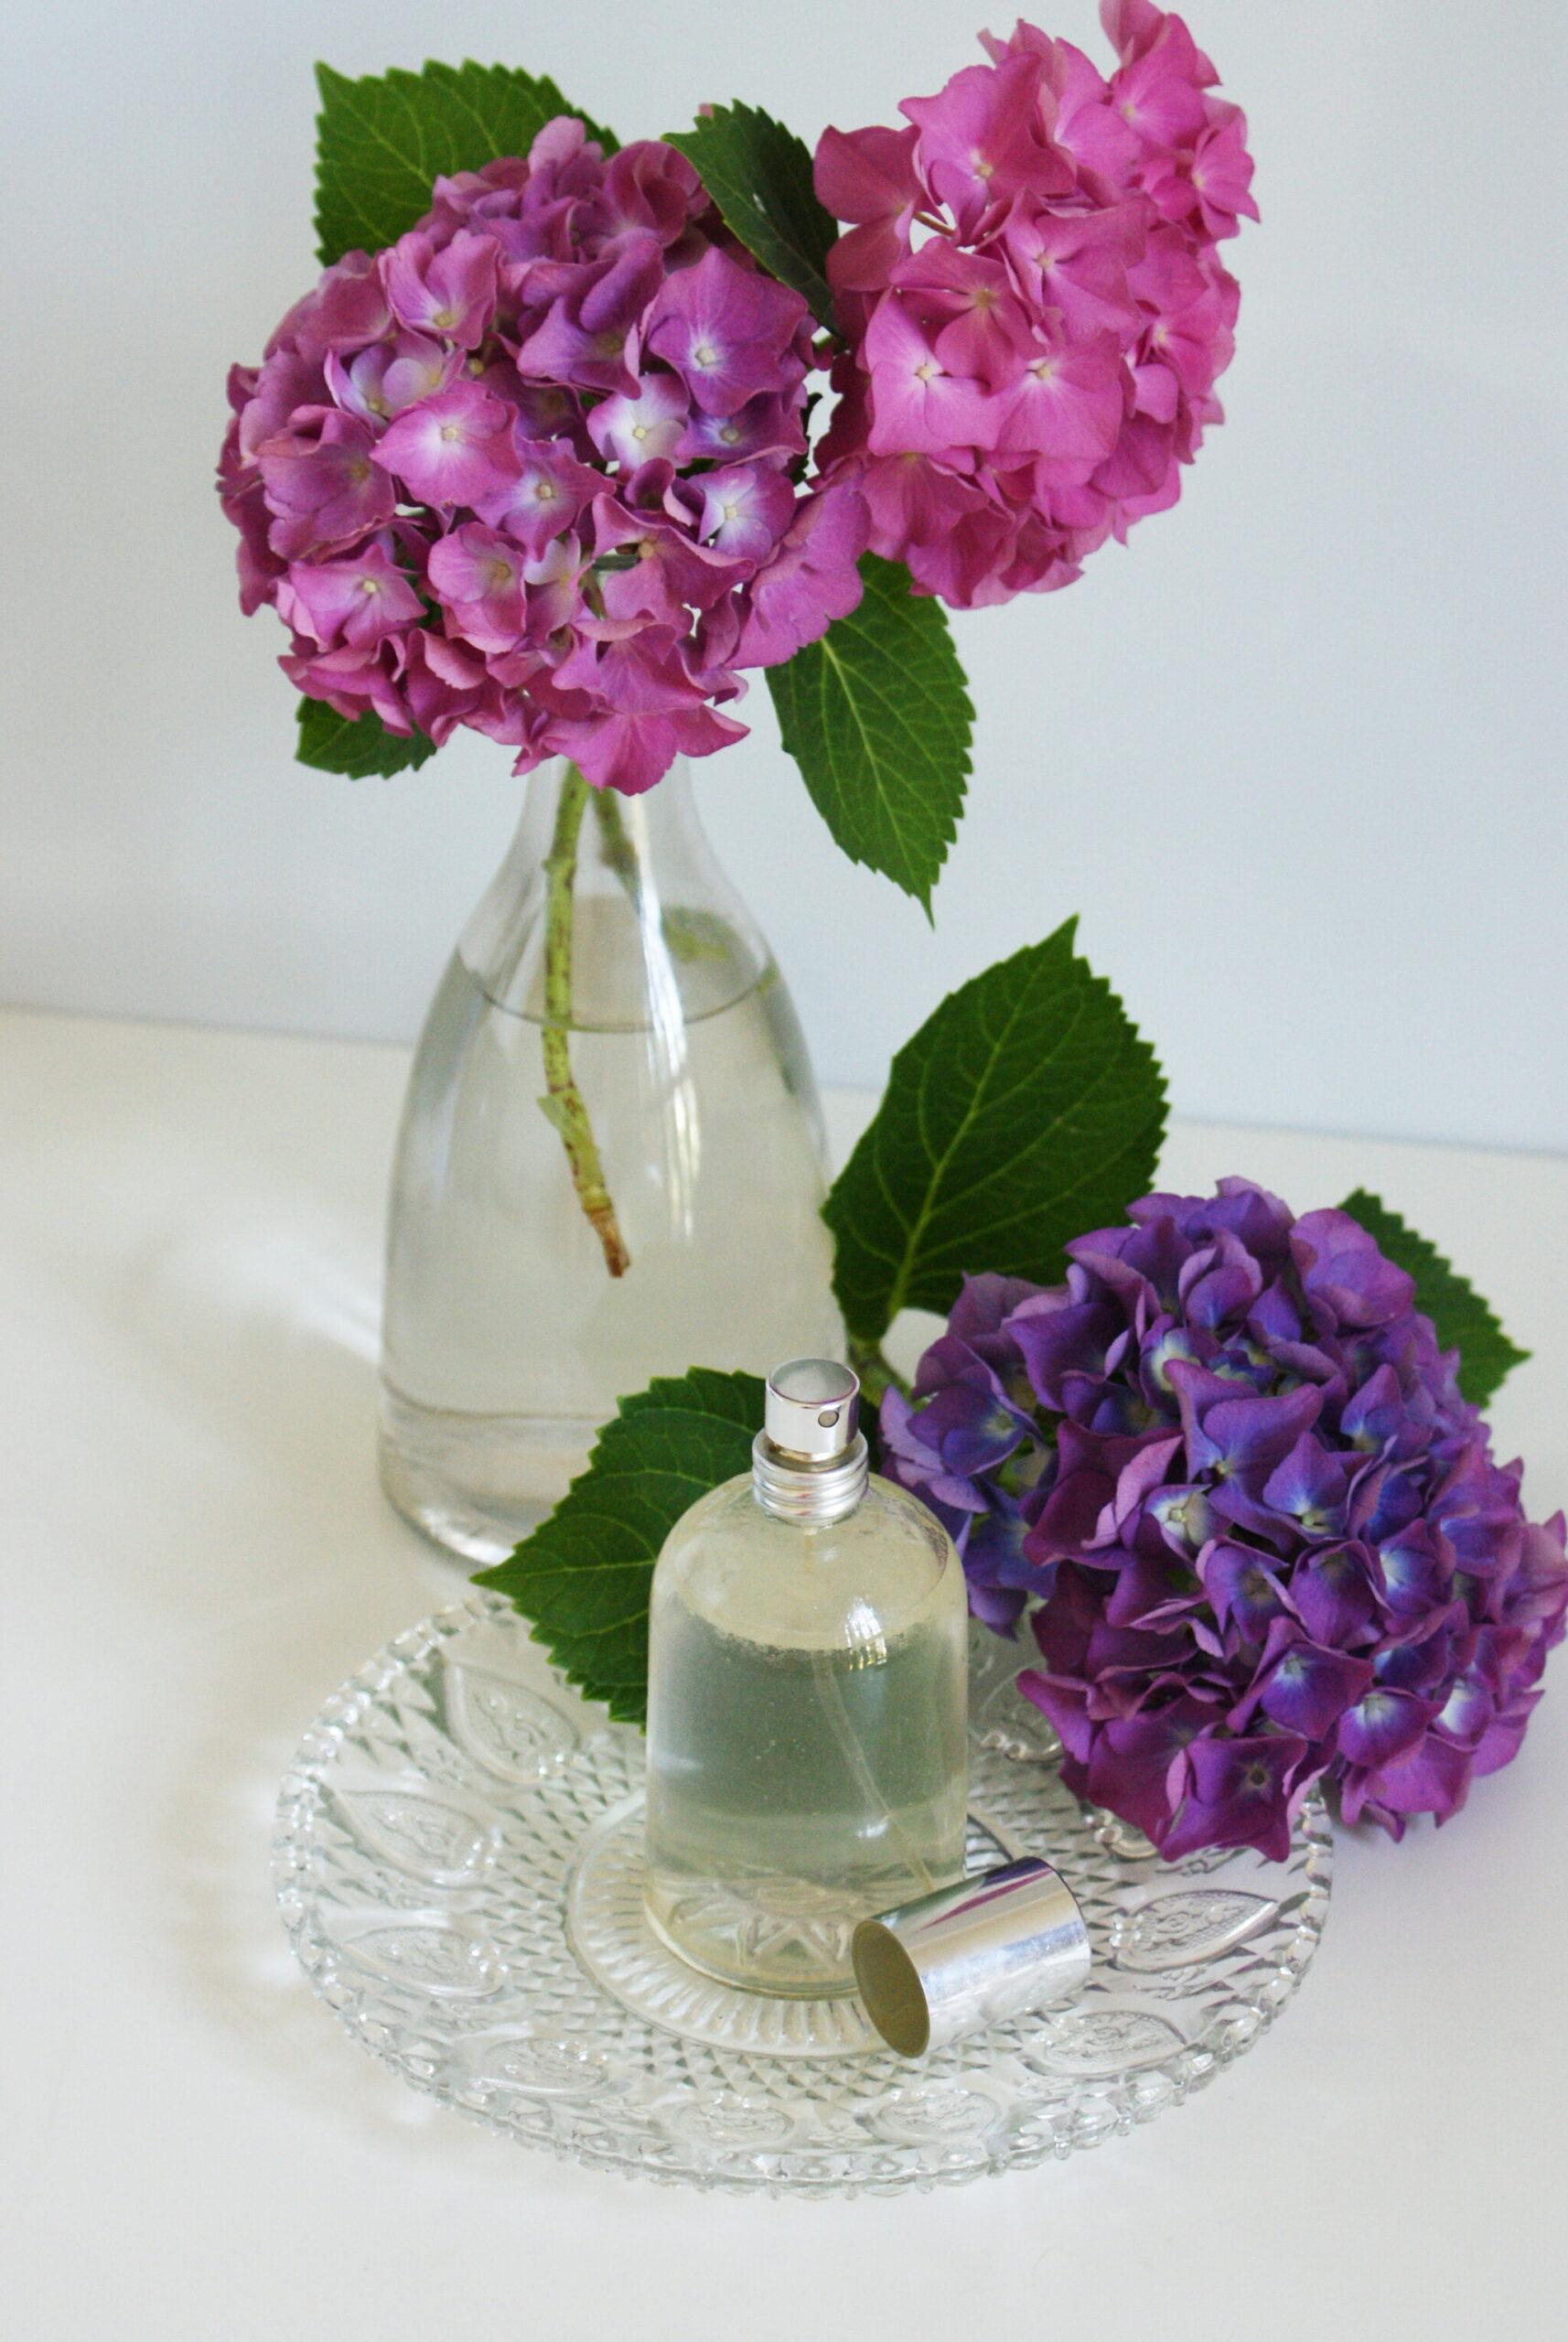 trattamento capelli spray naturale homemade fai da te ricetta olio cocco idratante facile veloce francinesplaceblog